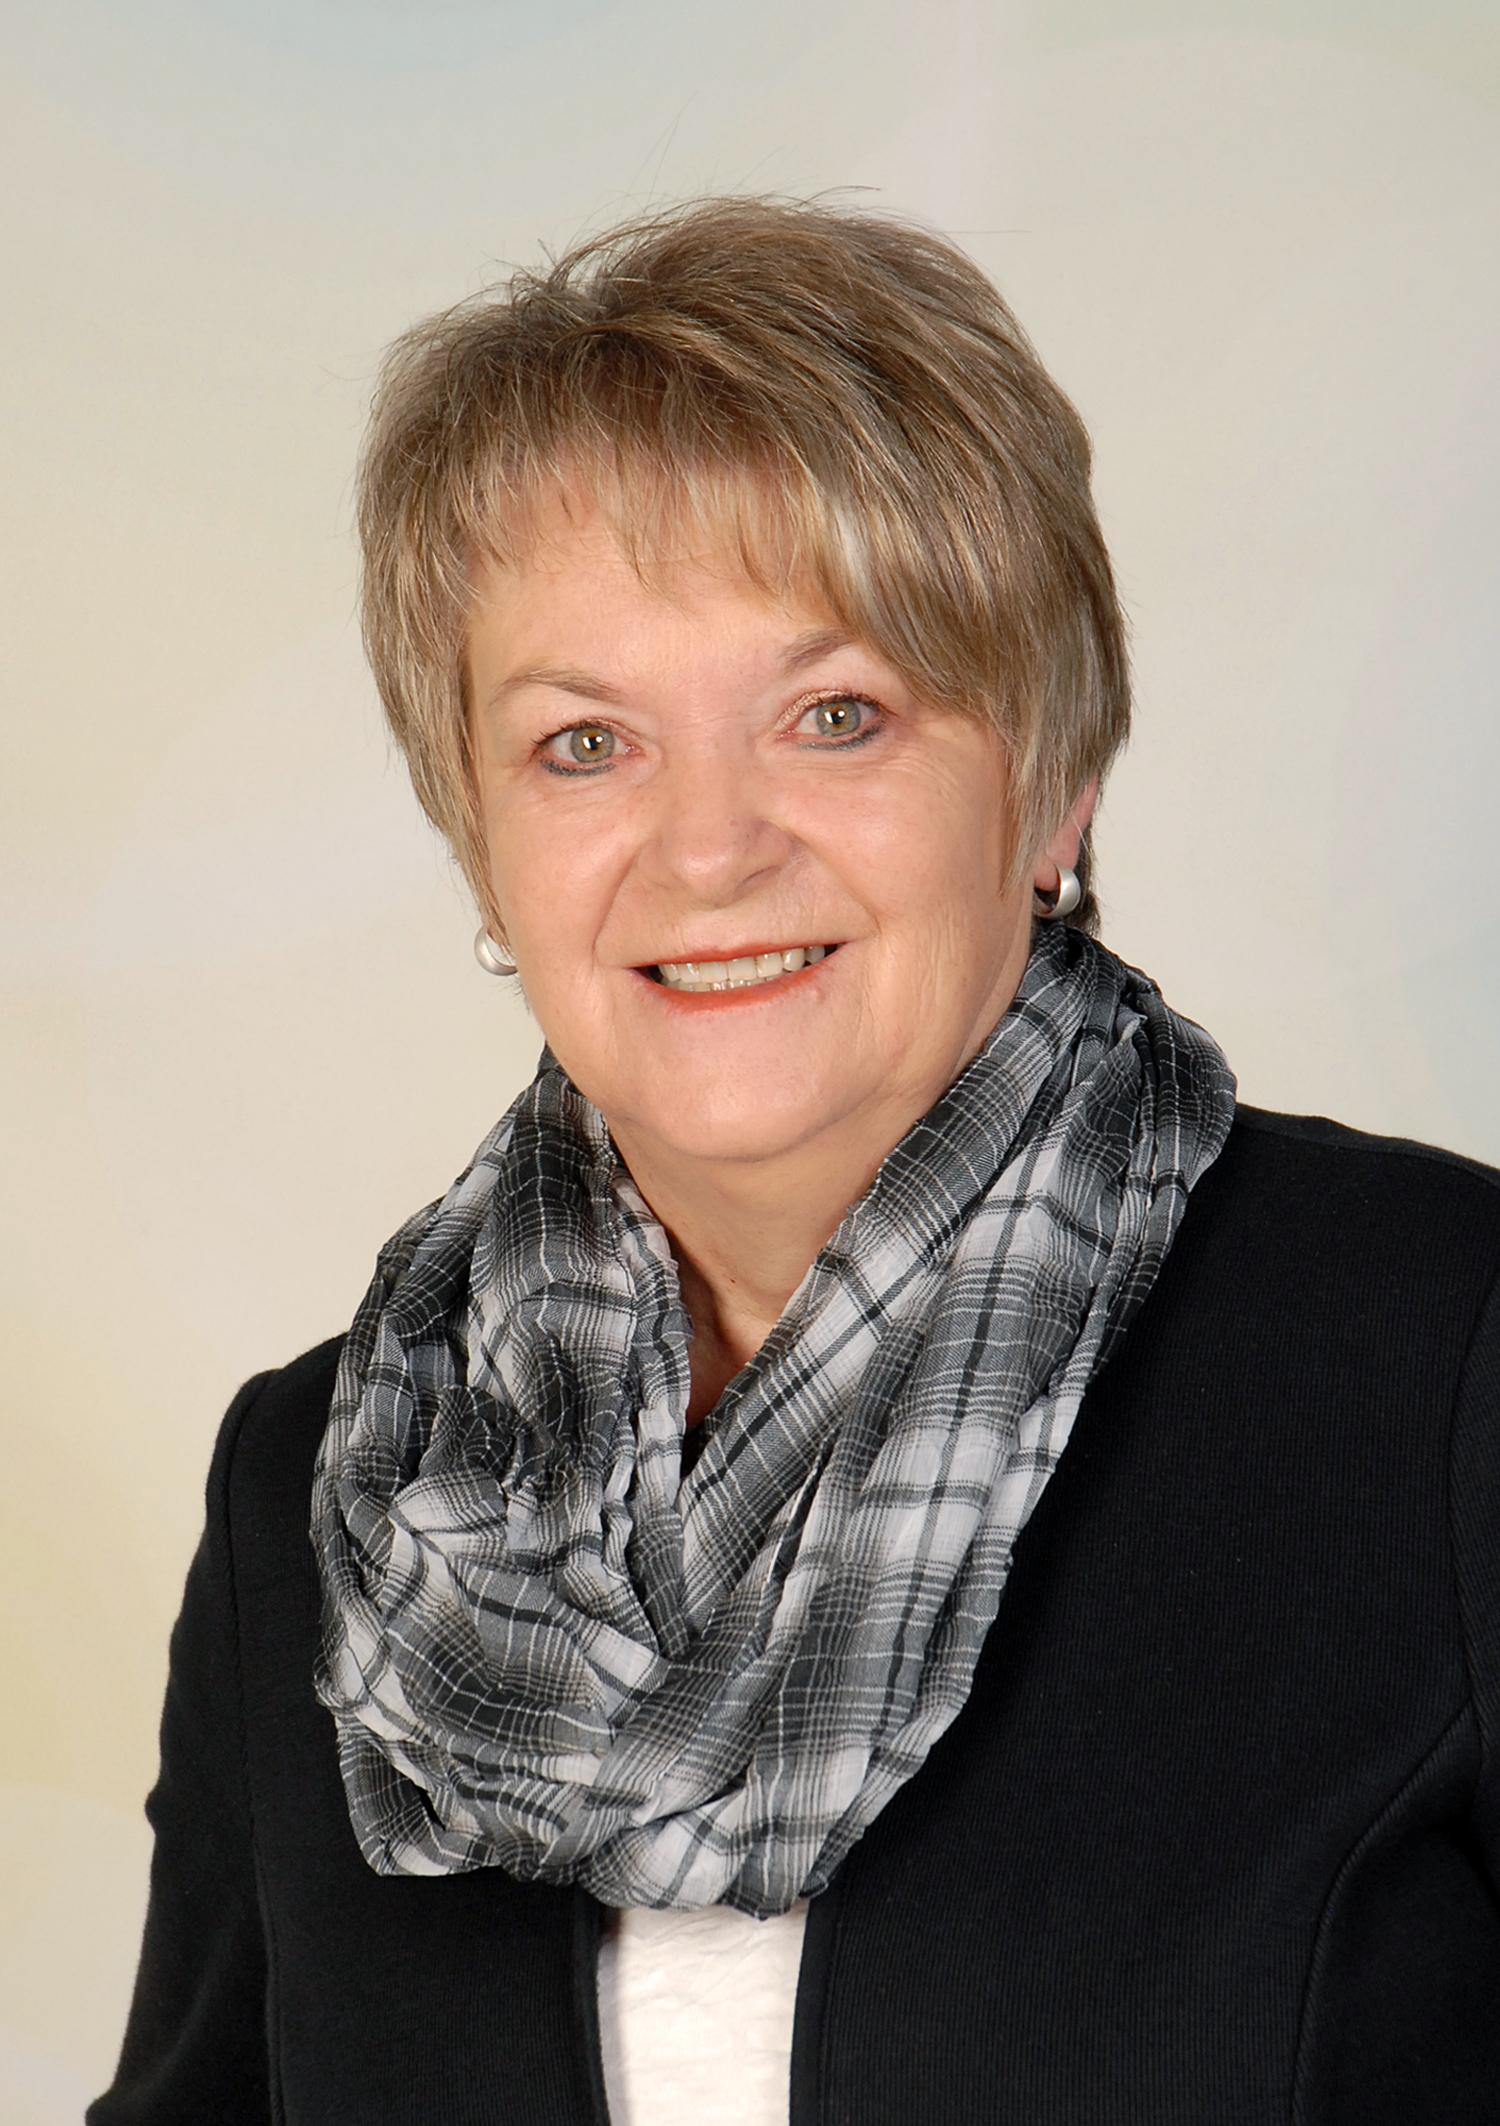 Henriette Putz